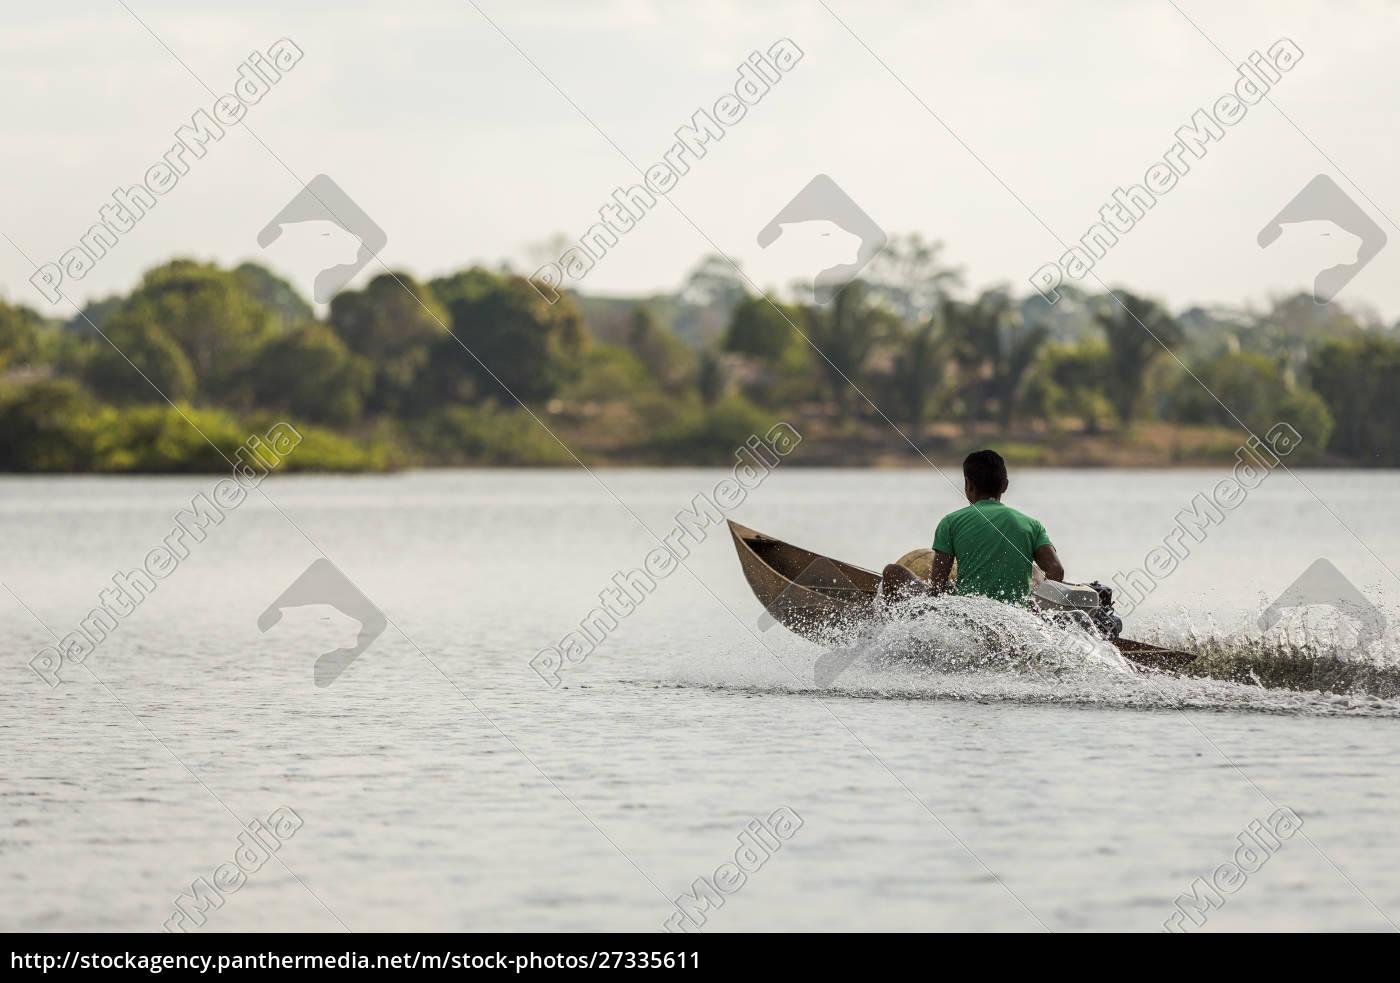 człowiek, w, drewnianym, zmotoryzowanym, kajaku, prędkości - 27335611